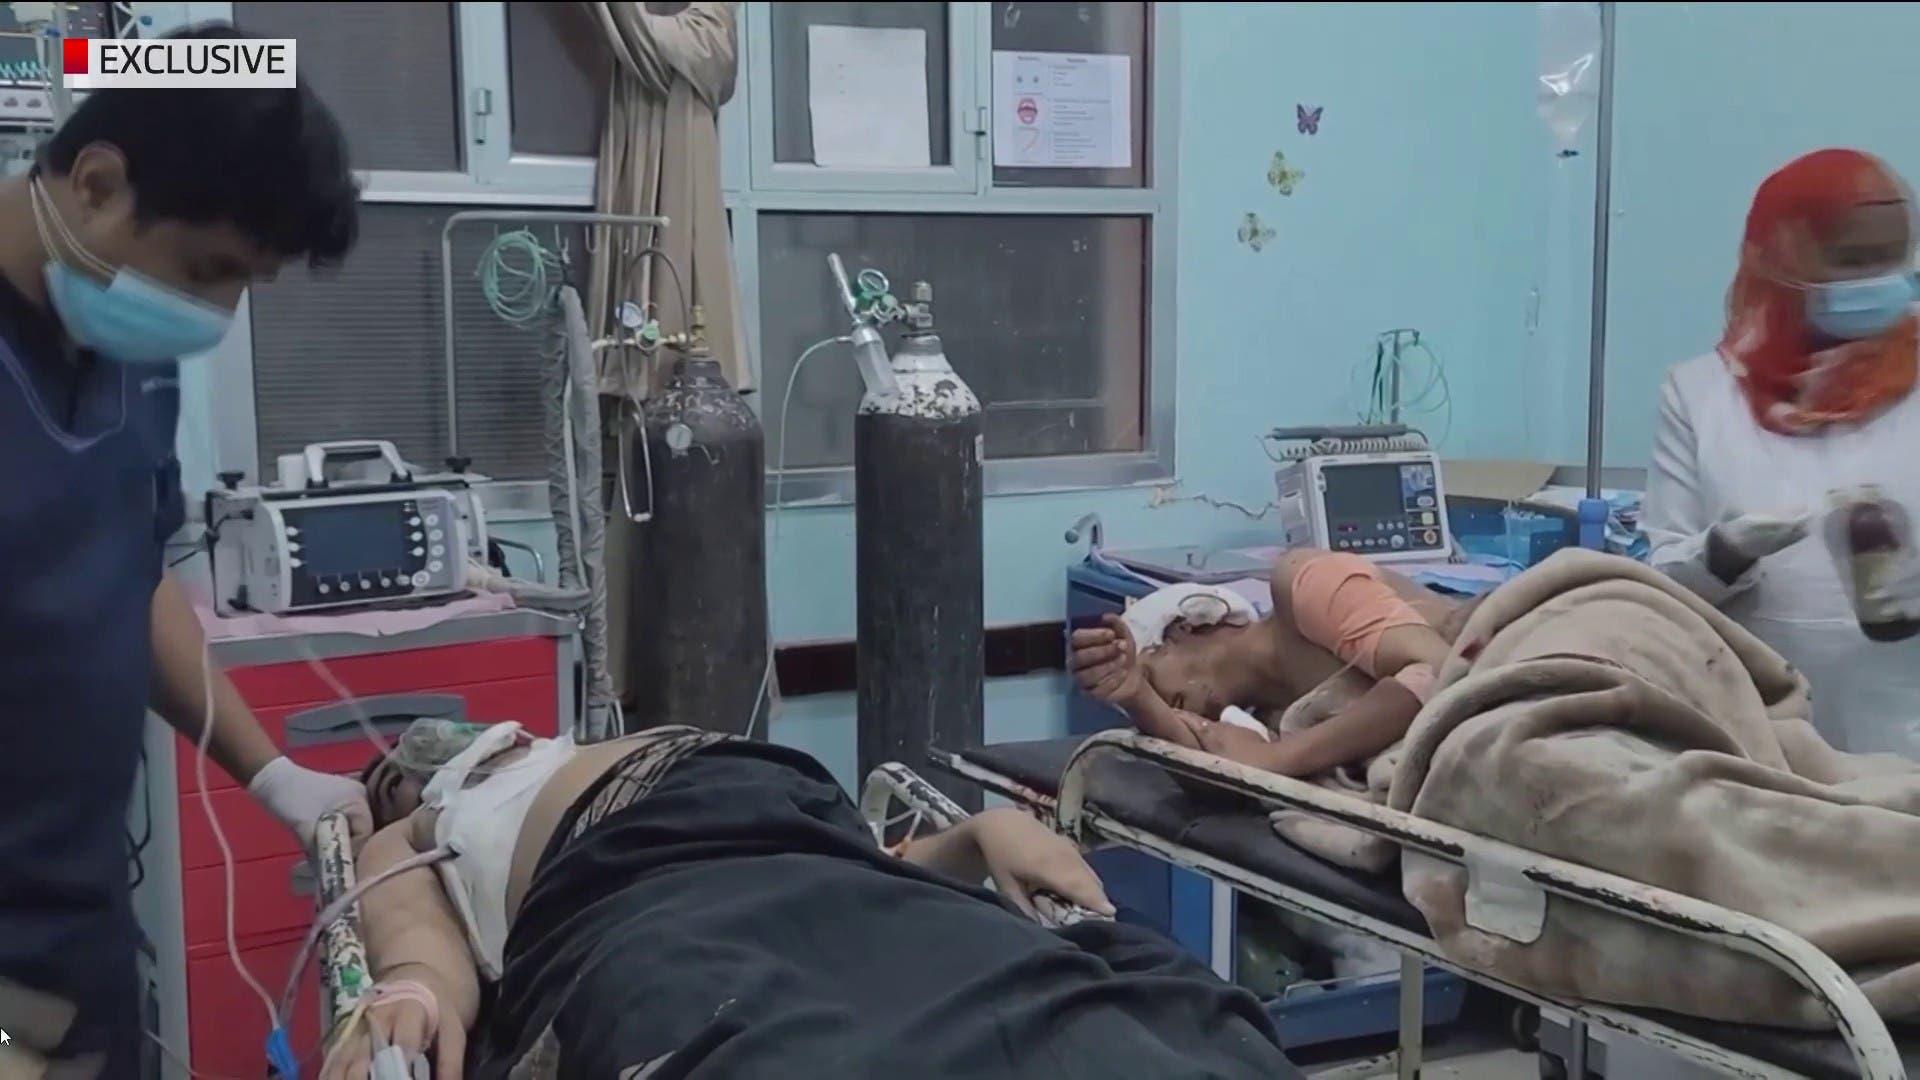 الصور الأولية لضحايا الهجوم #الحوثي على مسجد وسجن في #مأرب  #اليمن #العربية